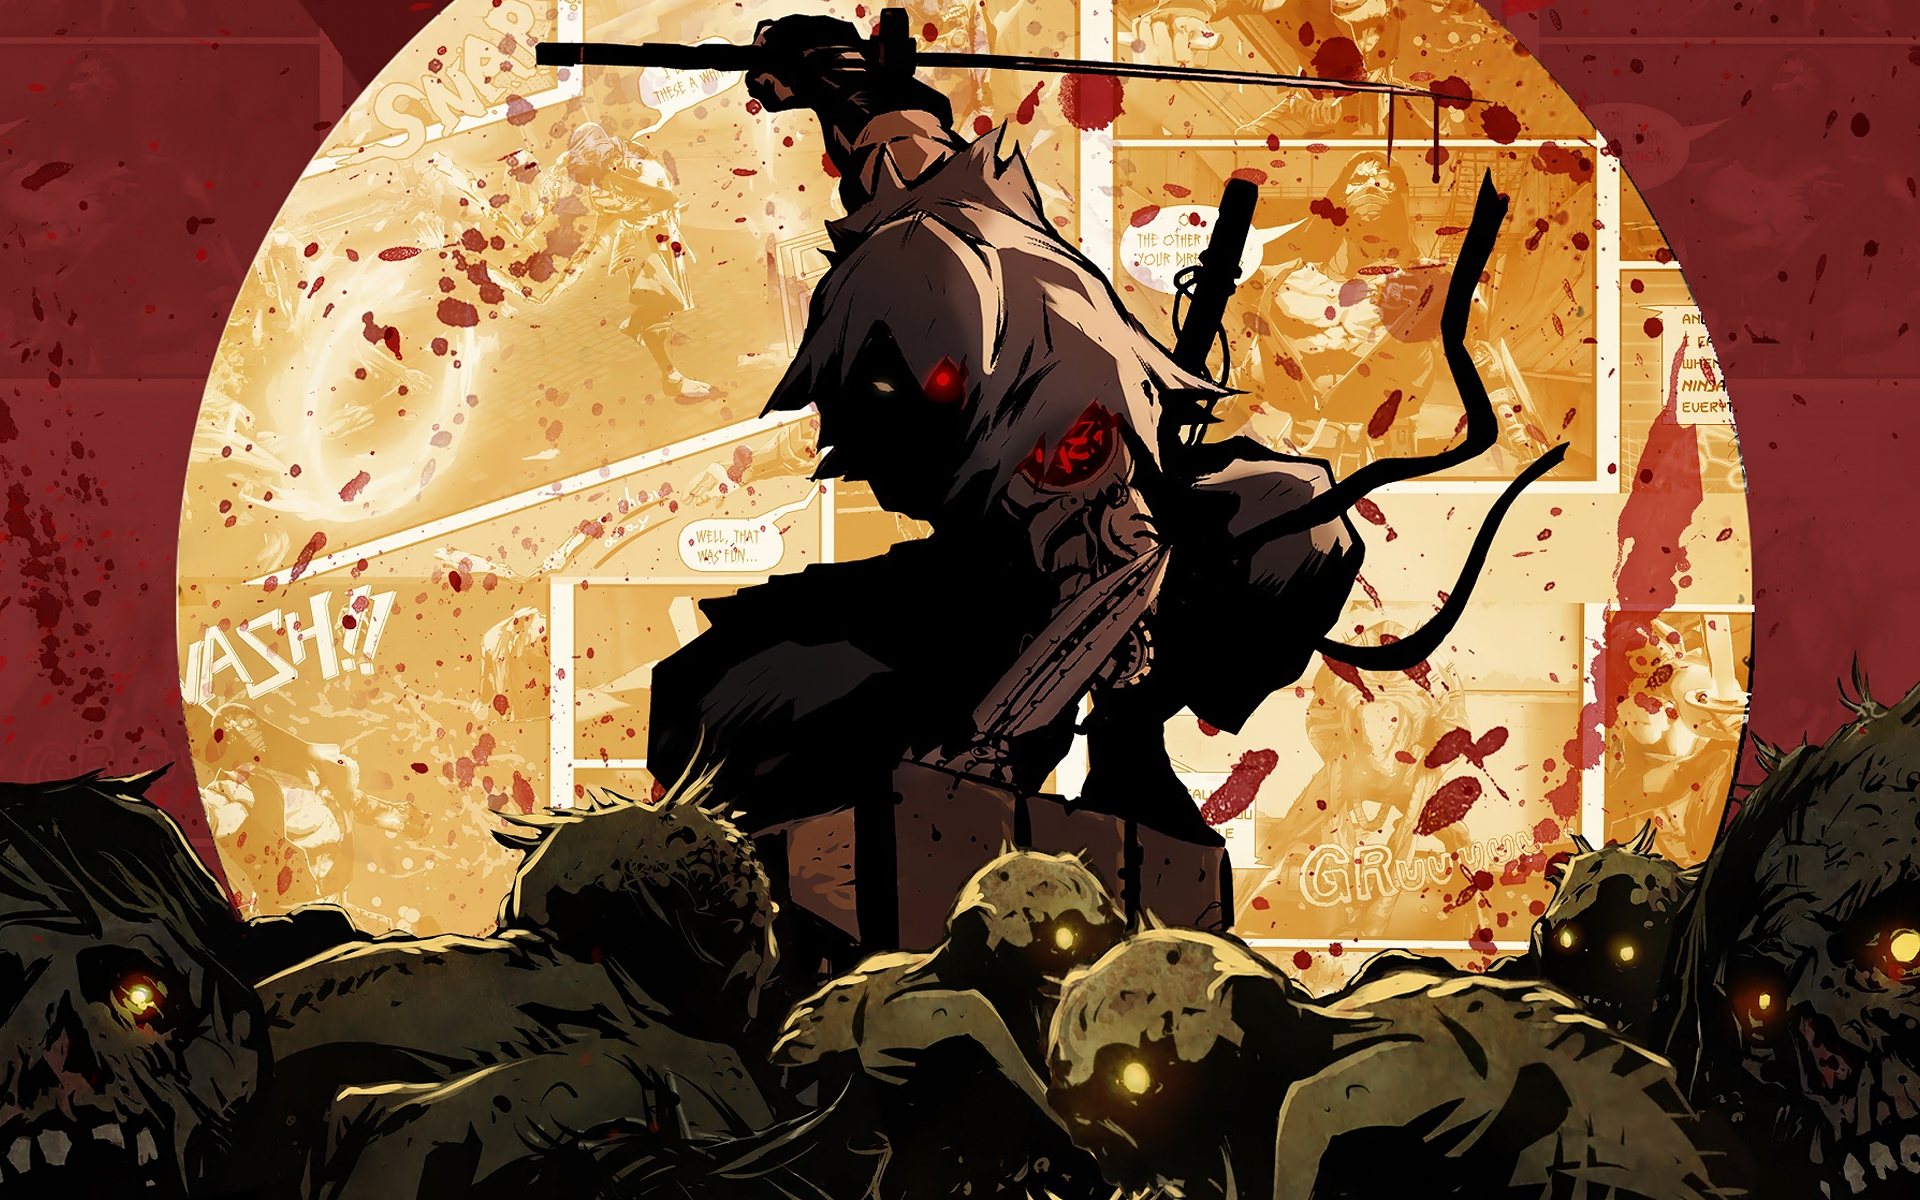 Game Ninja Gaiden Wallpaper: 9 Yaiba: Ninja Gaiden Z HD Wallpapers